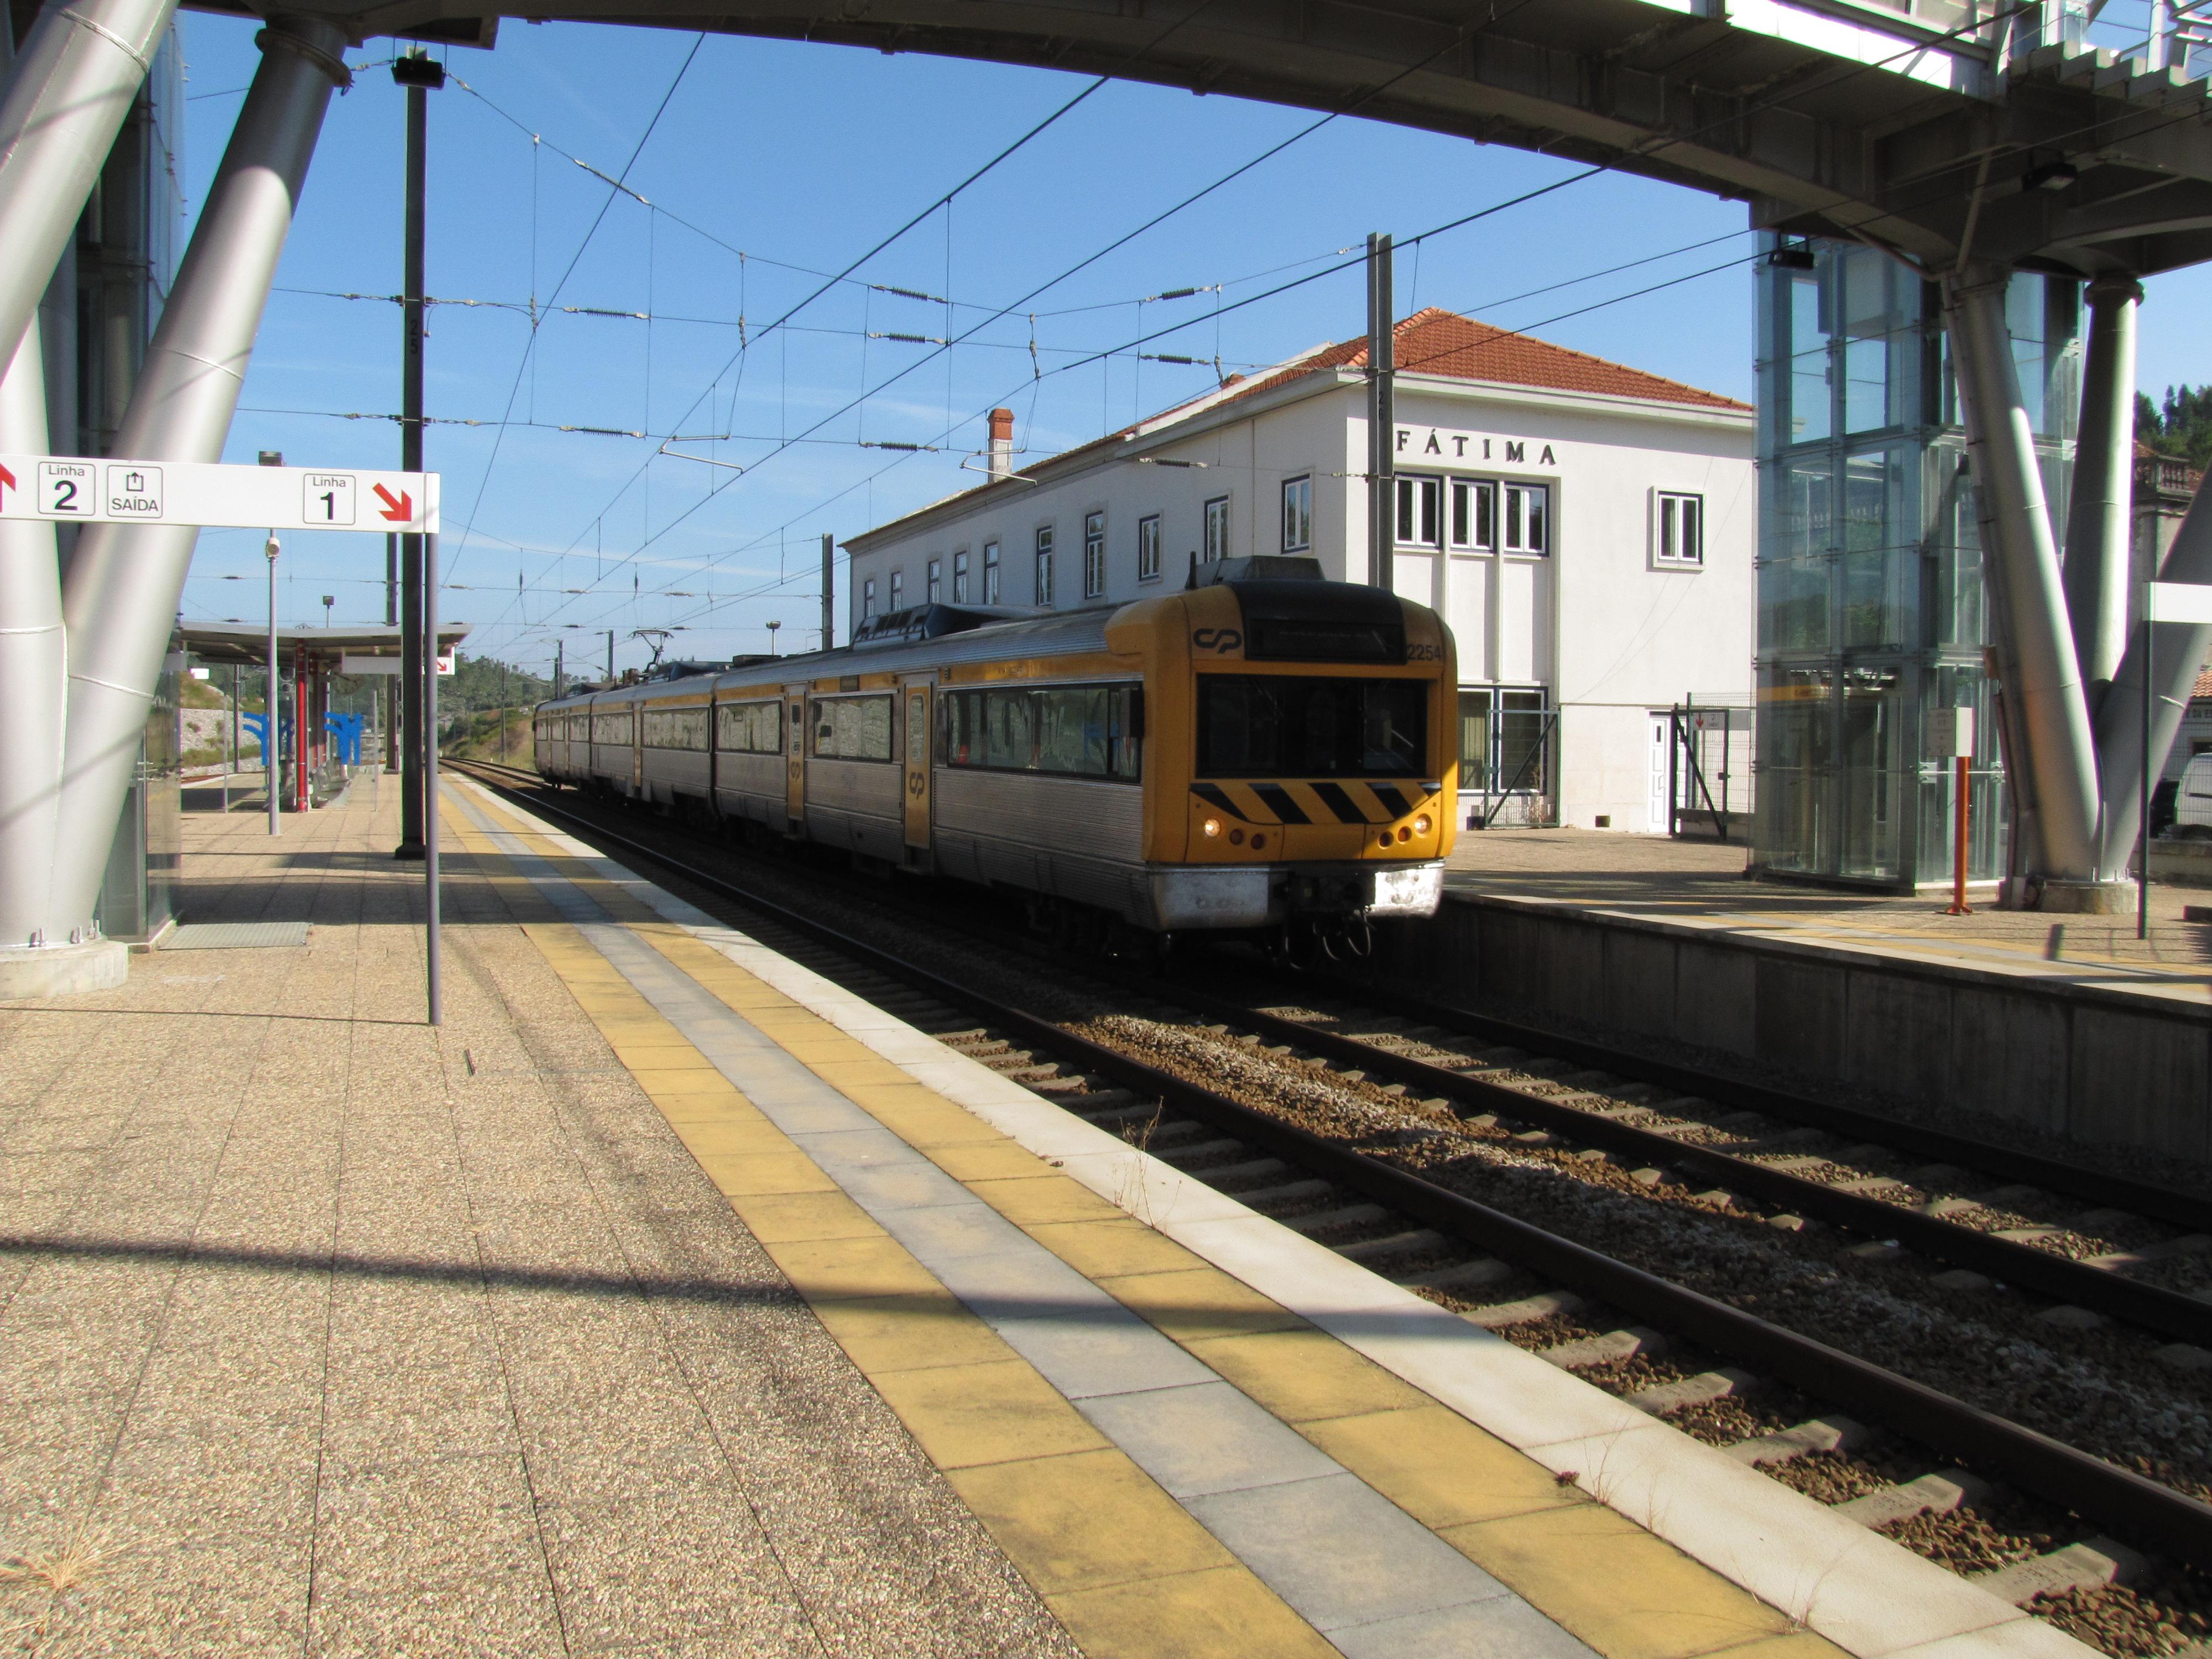 Estación de Fátima - Portugal